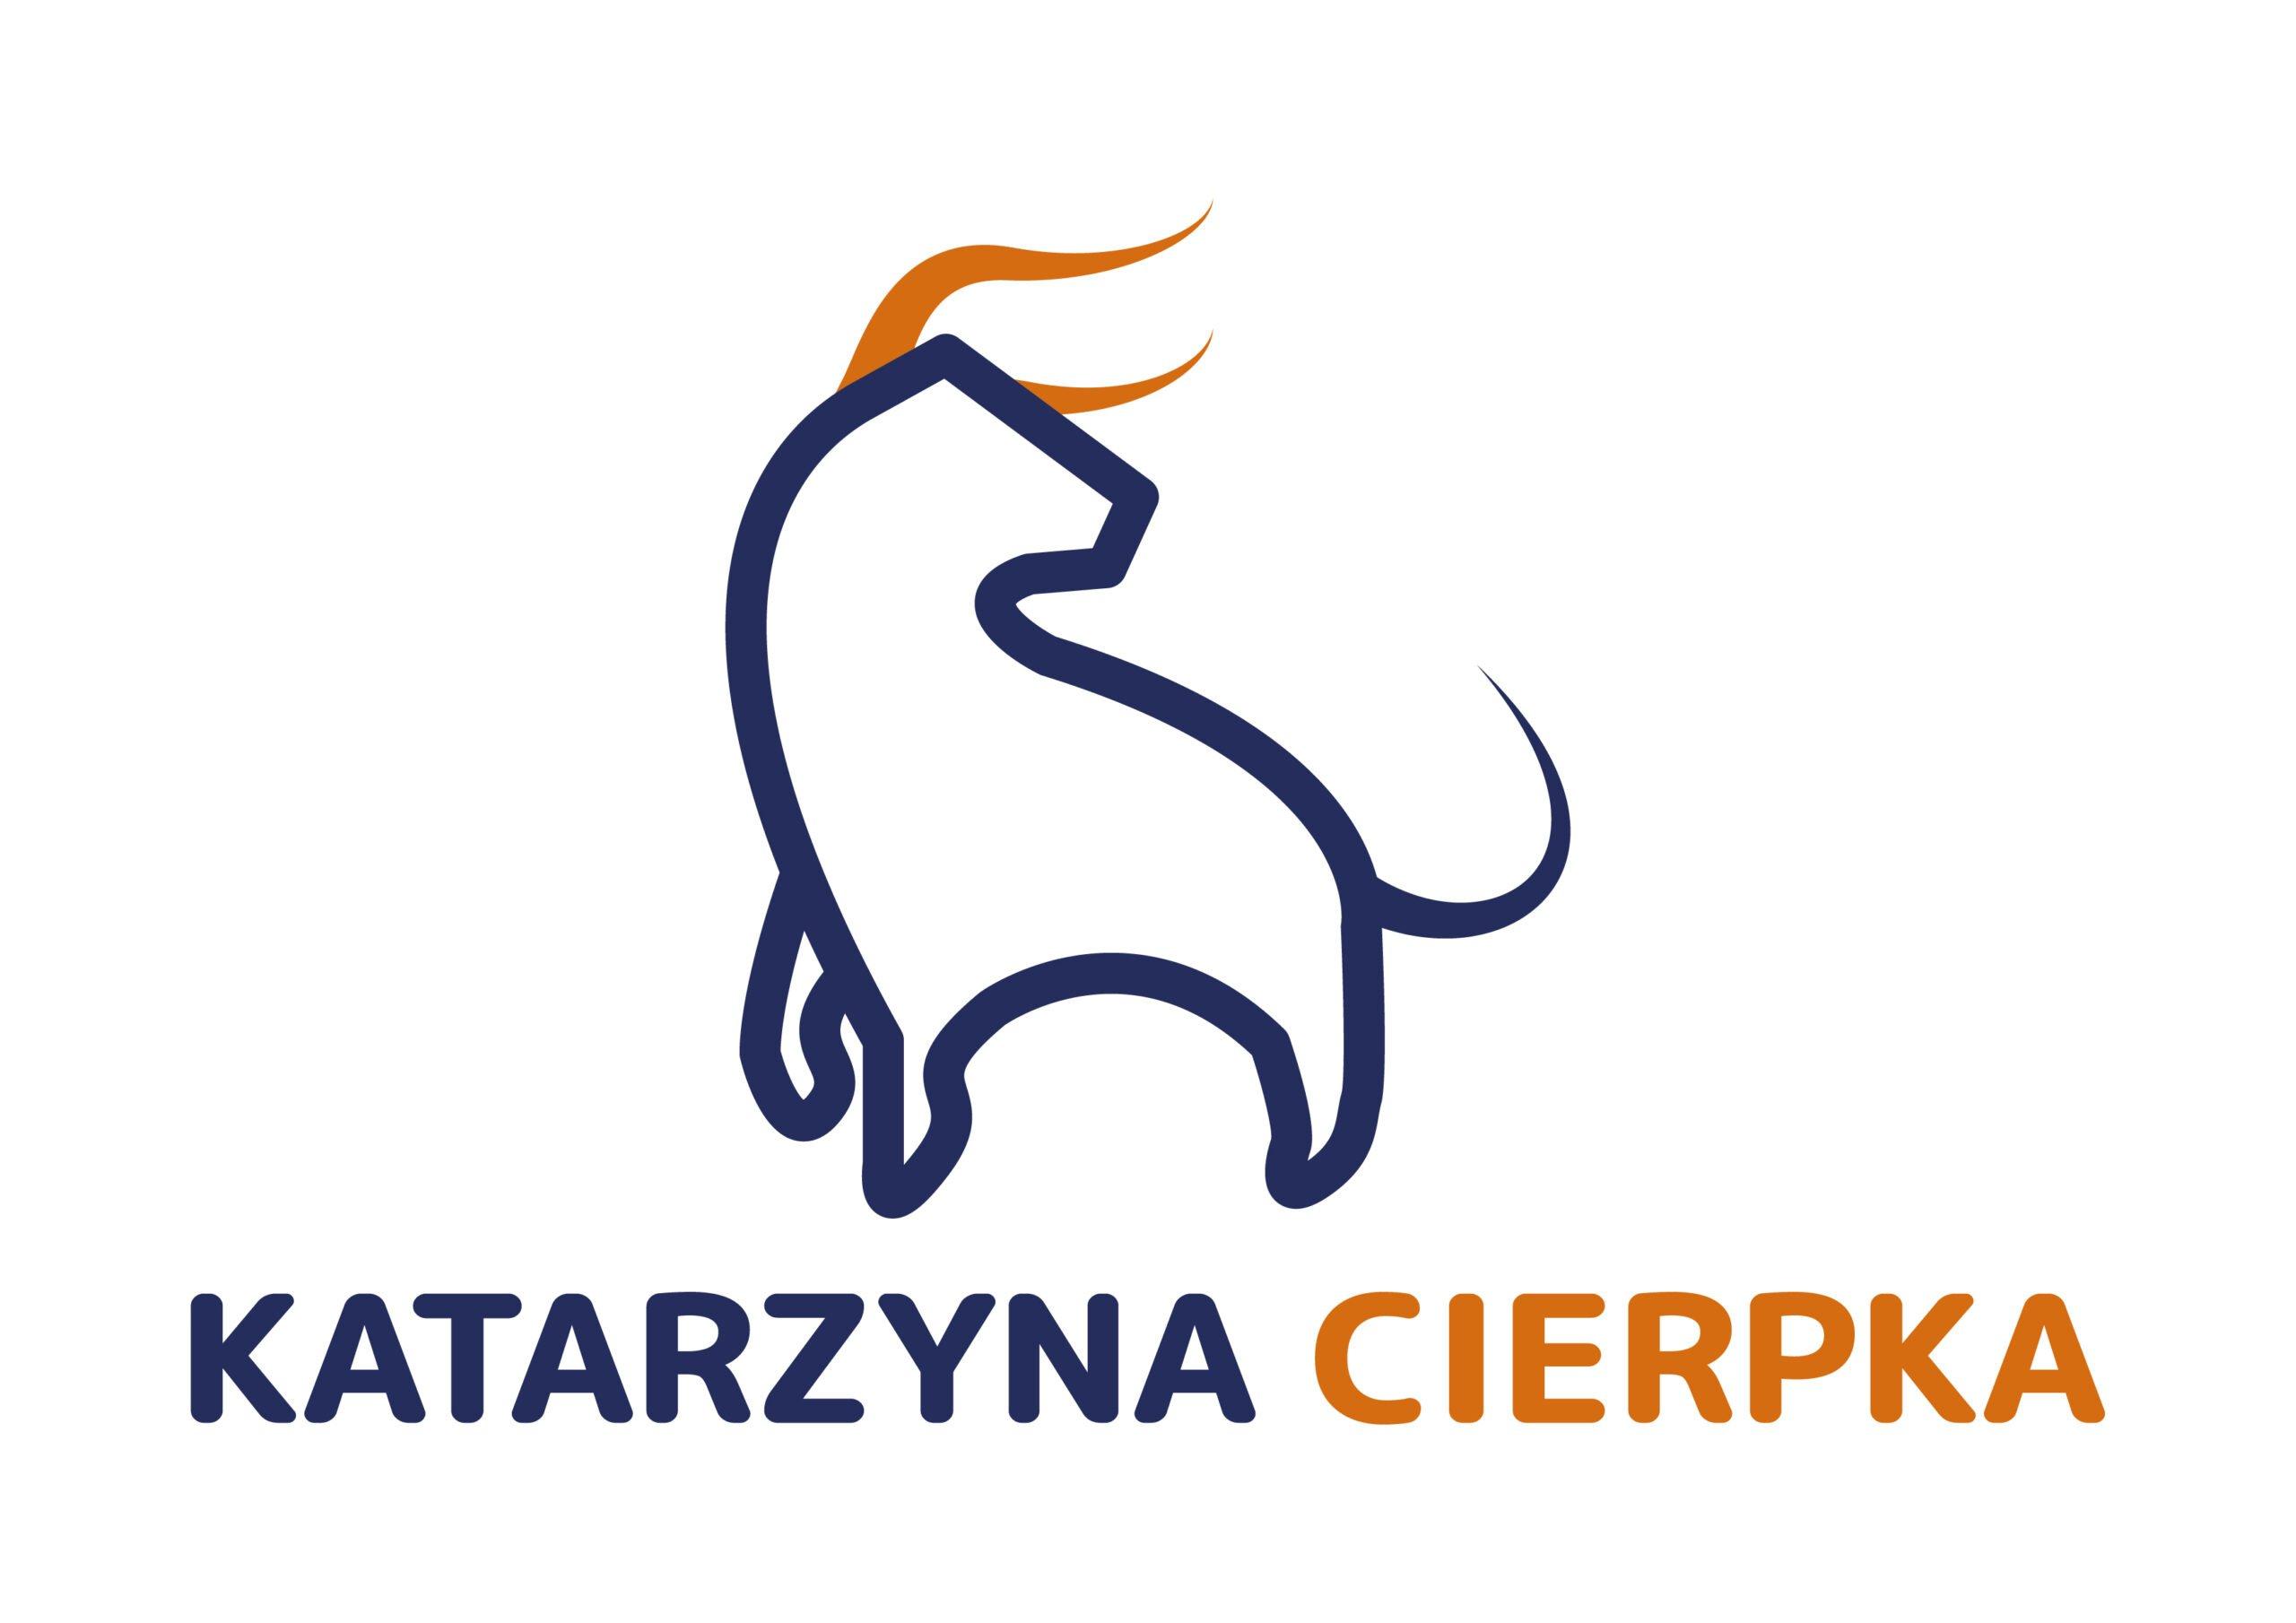 Katarzyna Cierpka